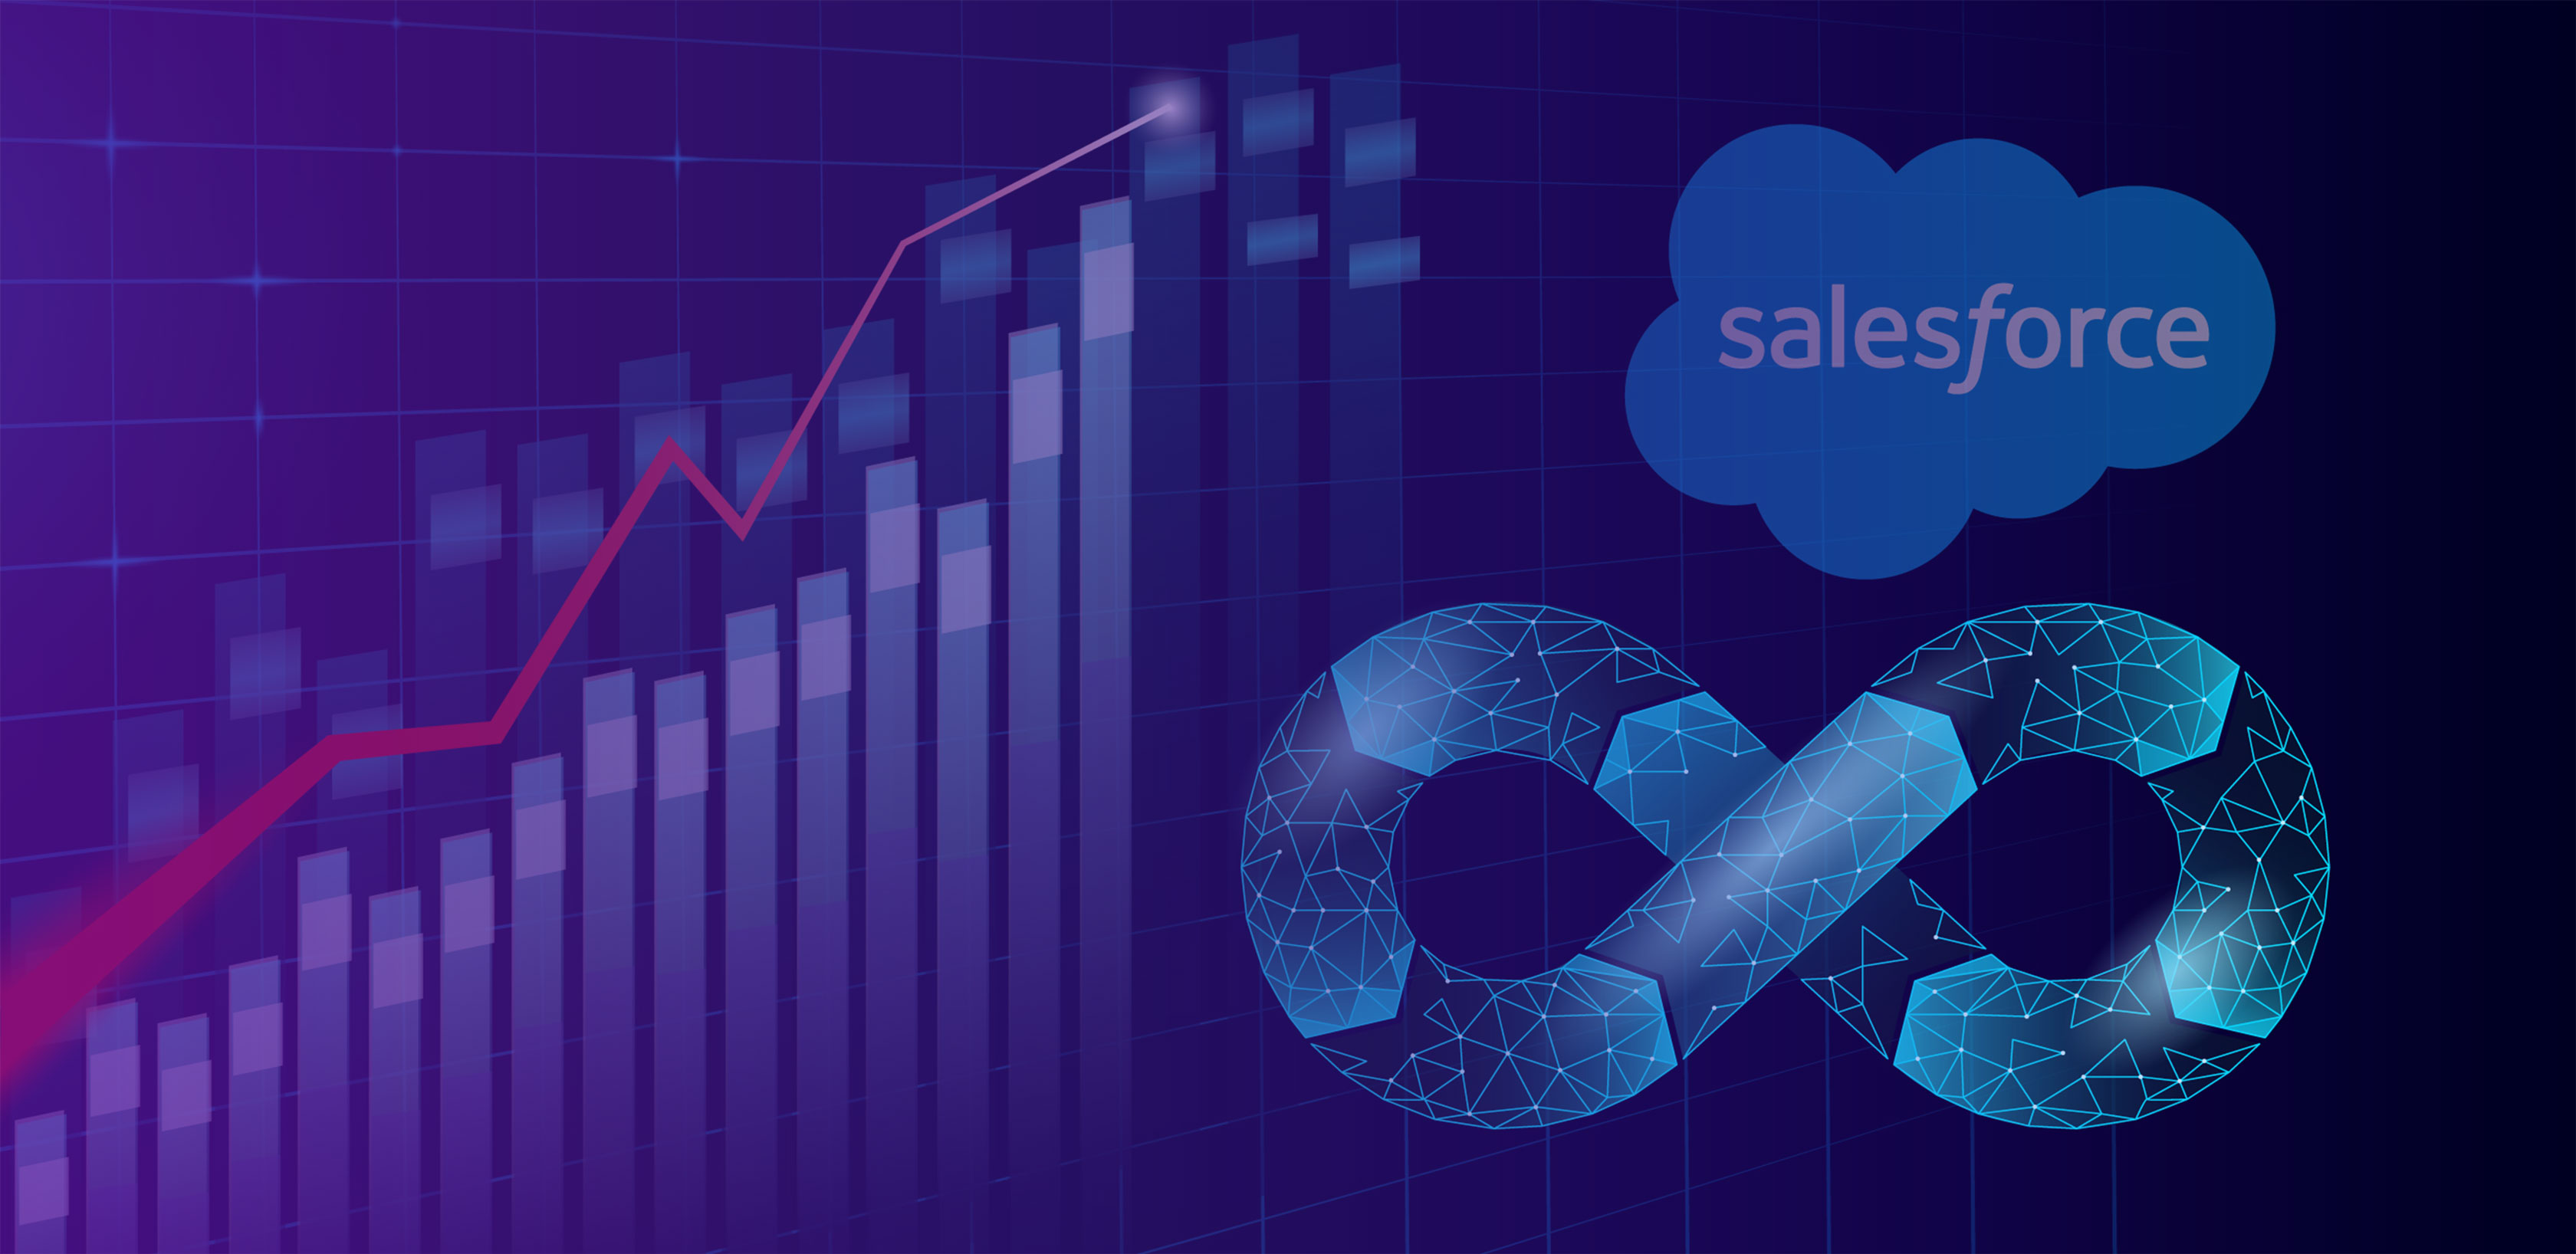 Salesforce DevOps Trends in 2021